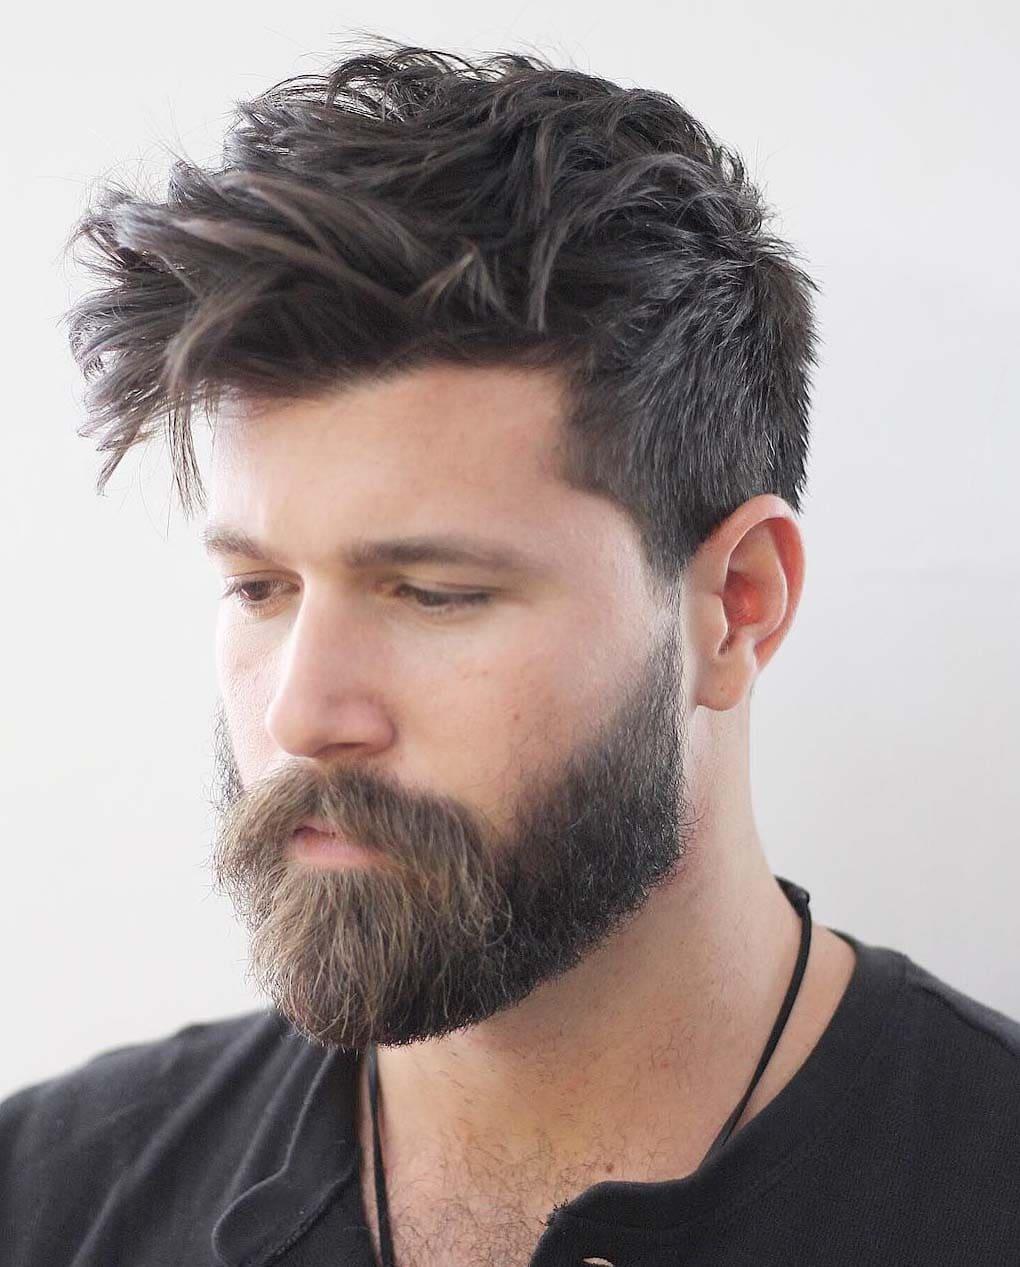 phenomenal messy hairstyles men 2018 - Men\'s Haircut Styles